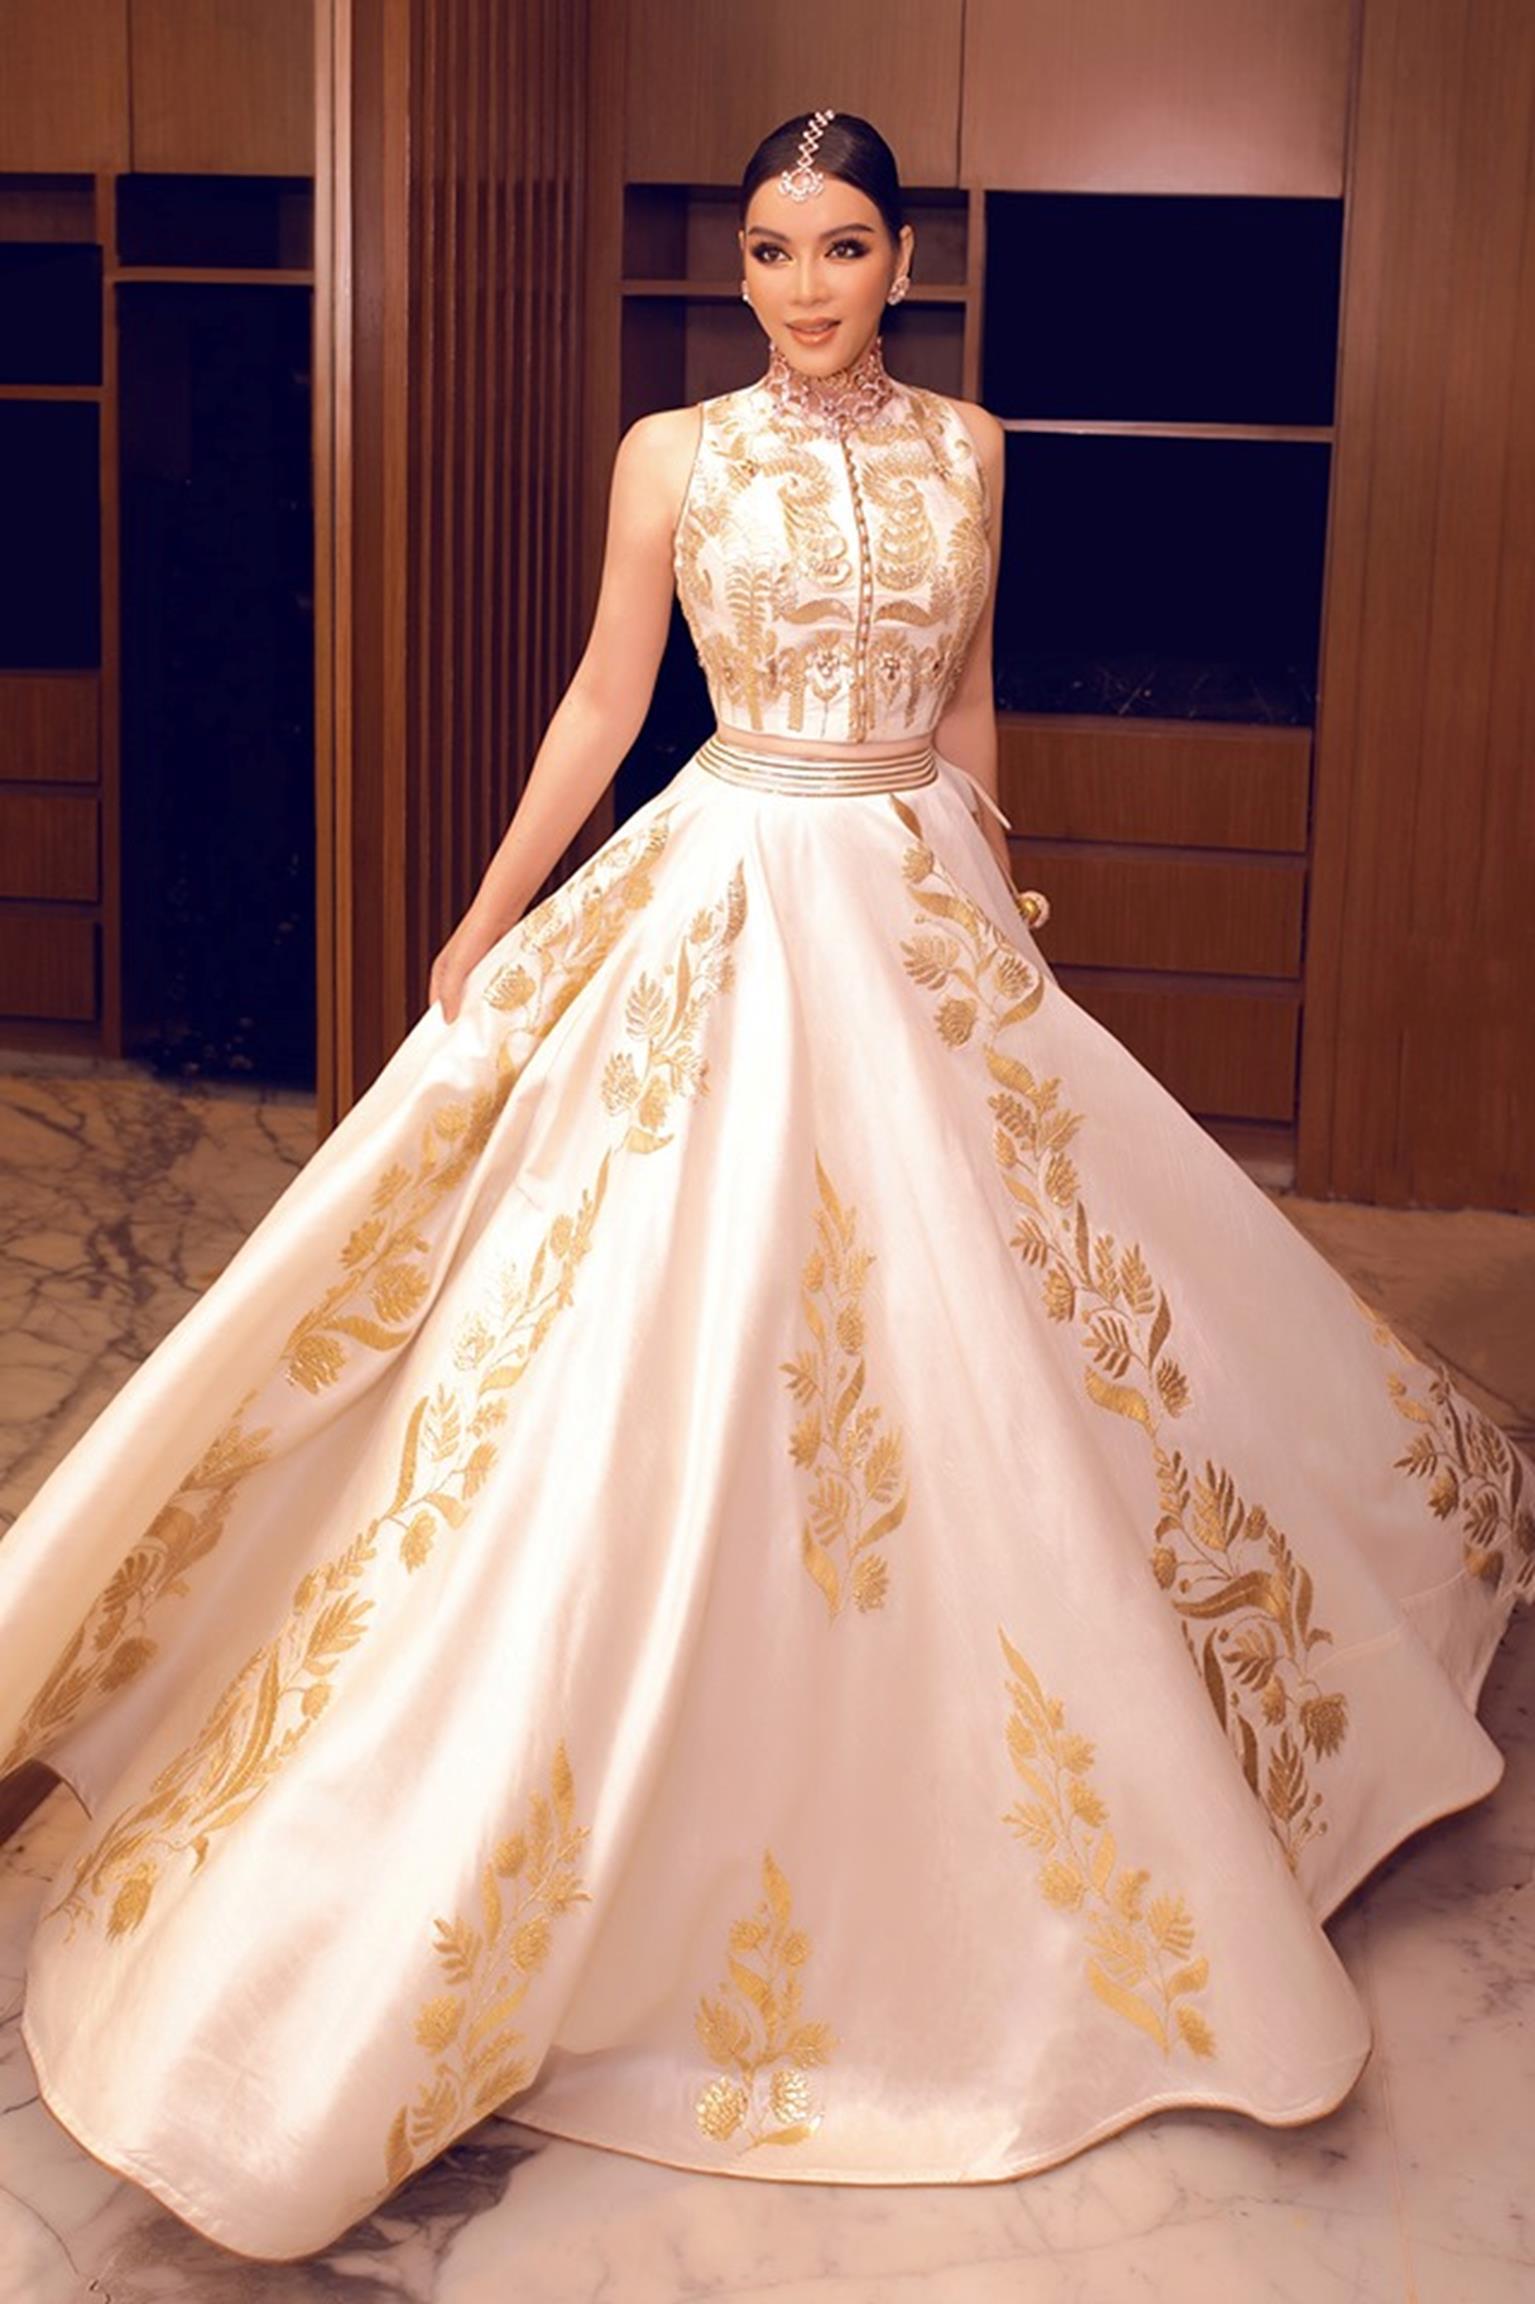 Lý Nhã Kỳ diện váy dát vàng dự tiệc sinh nhật của tỷ phú giàu nhất Ấn Độ-2